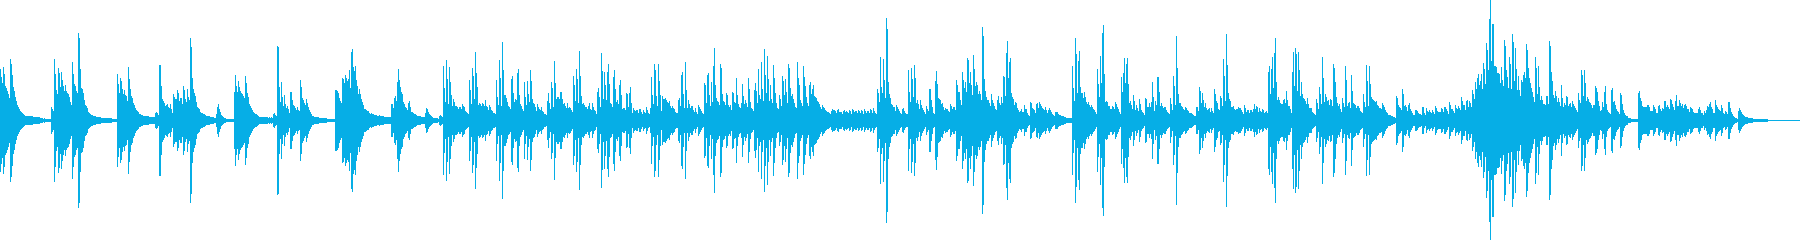 悲しみのピアノ曲(絶望・静寂・BGM)の再生済みの波形